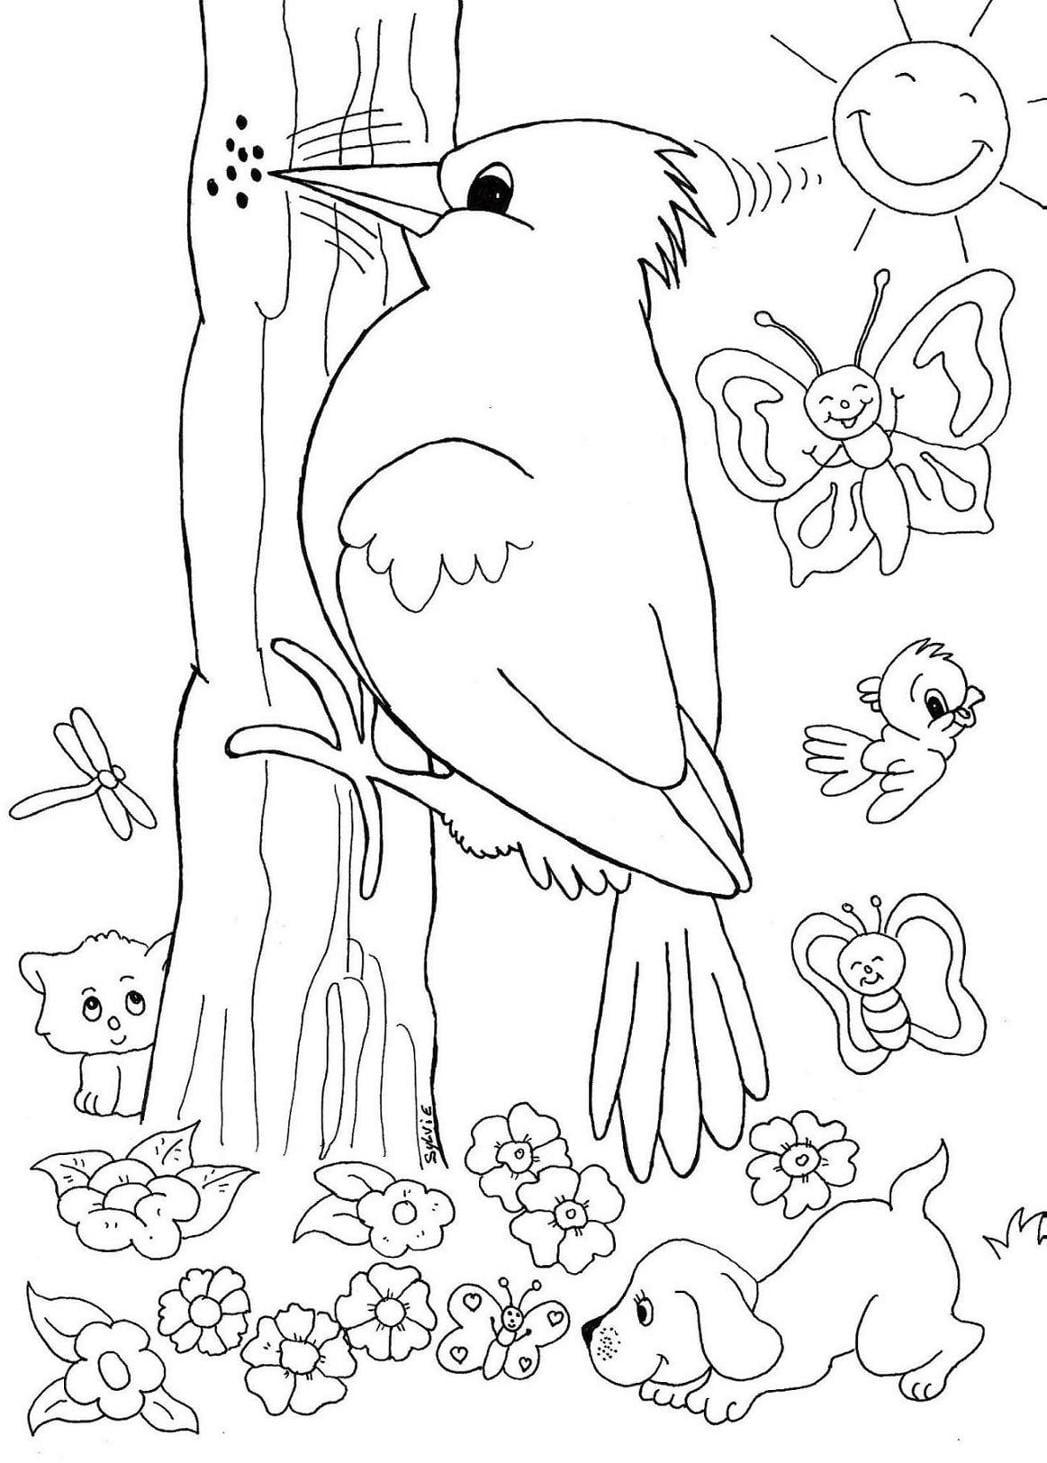 Desenhos De Aves Para Colorir Pinte Aves Mais Lindas Do Planeta